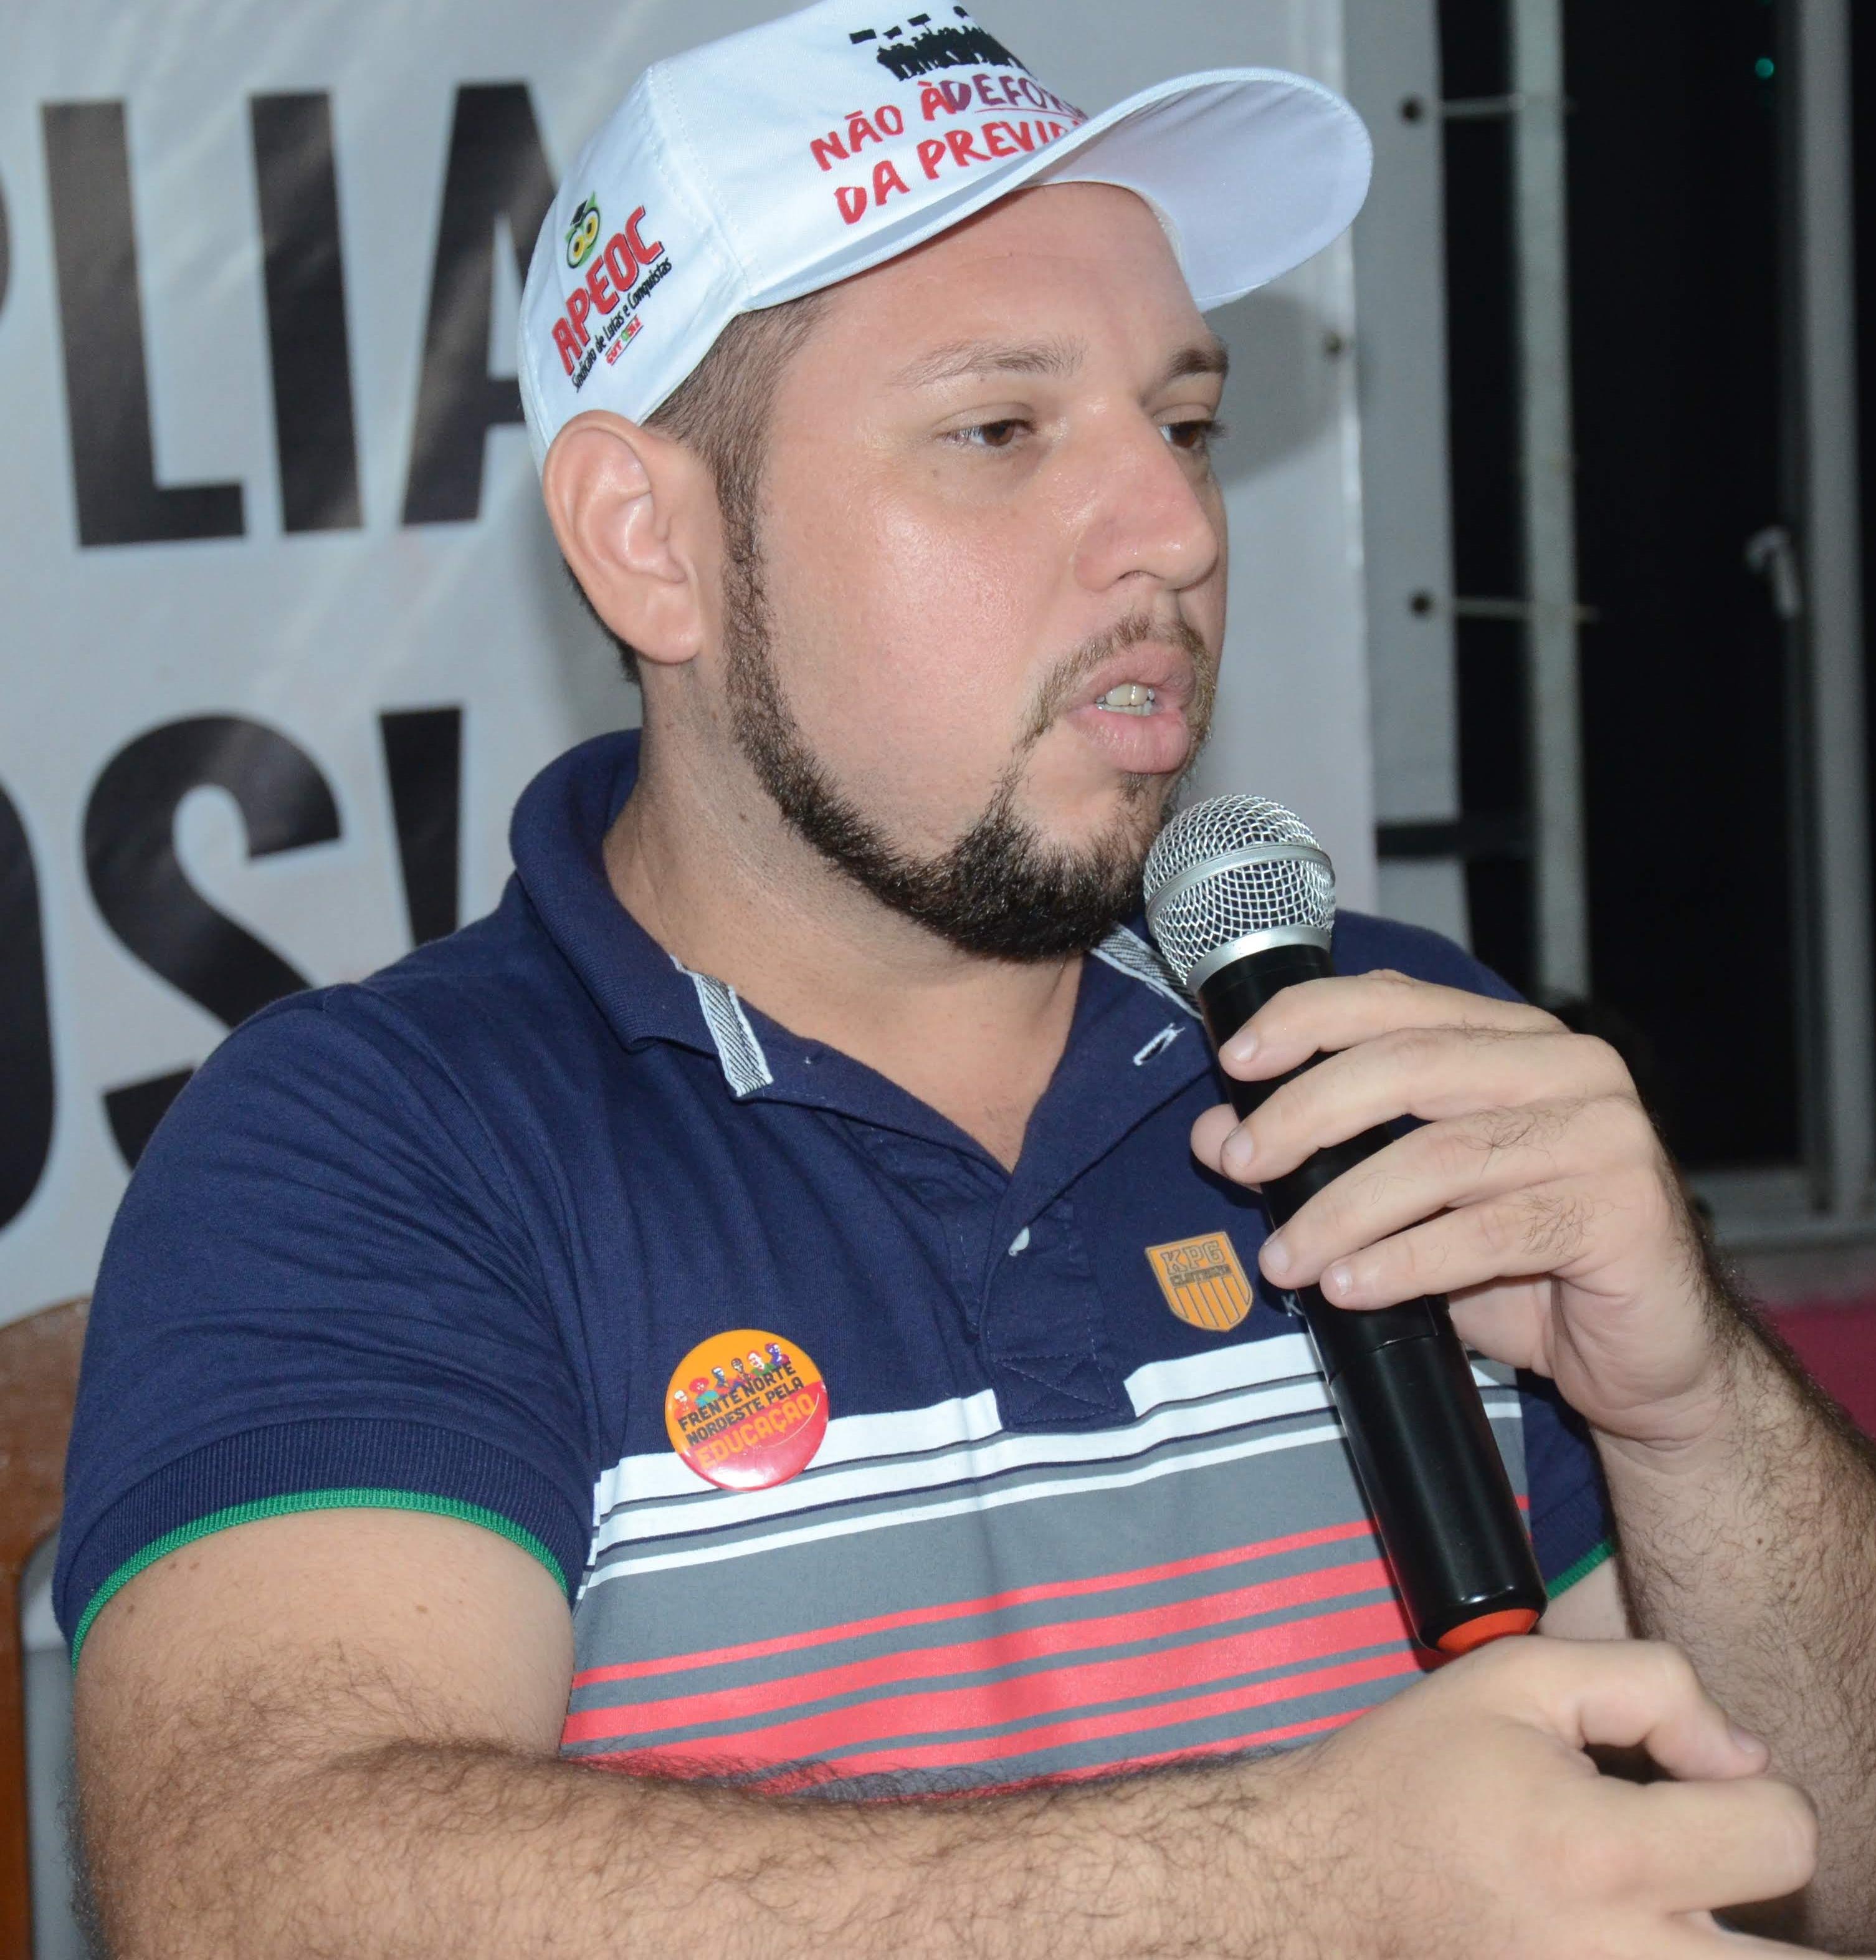 Alessandro Sousa Carvalho